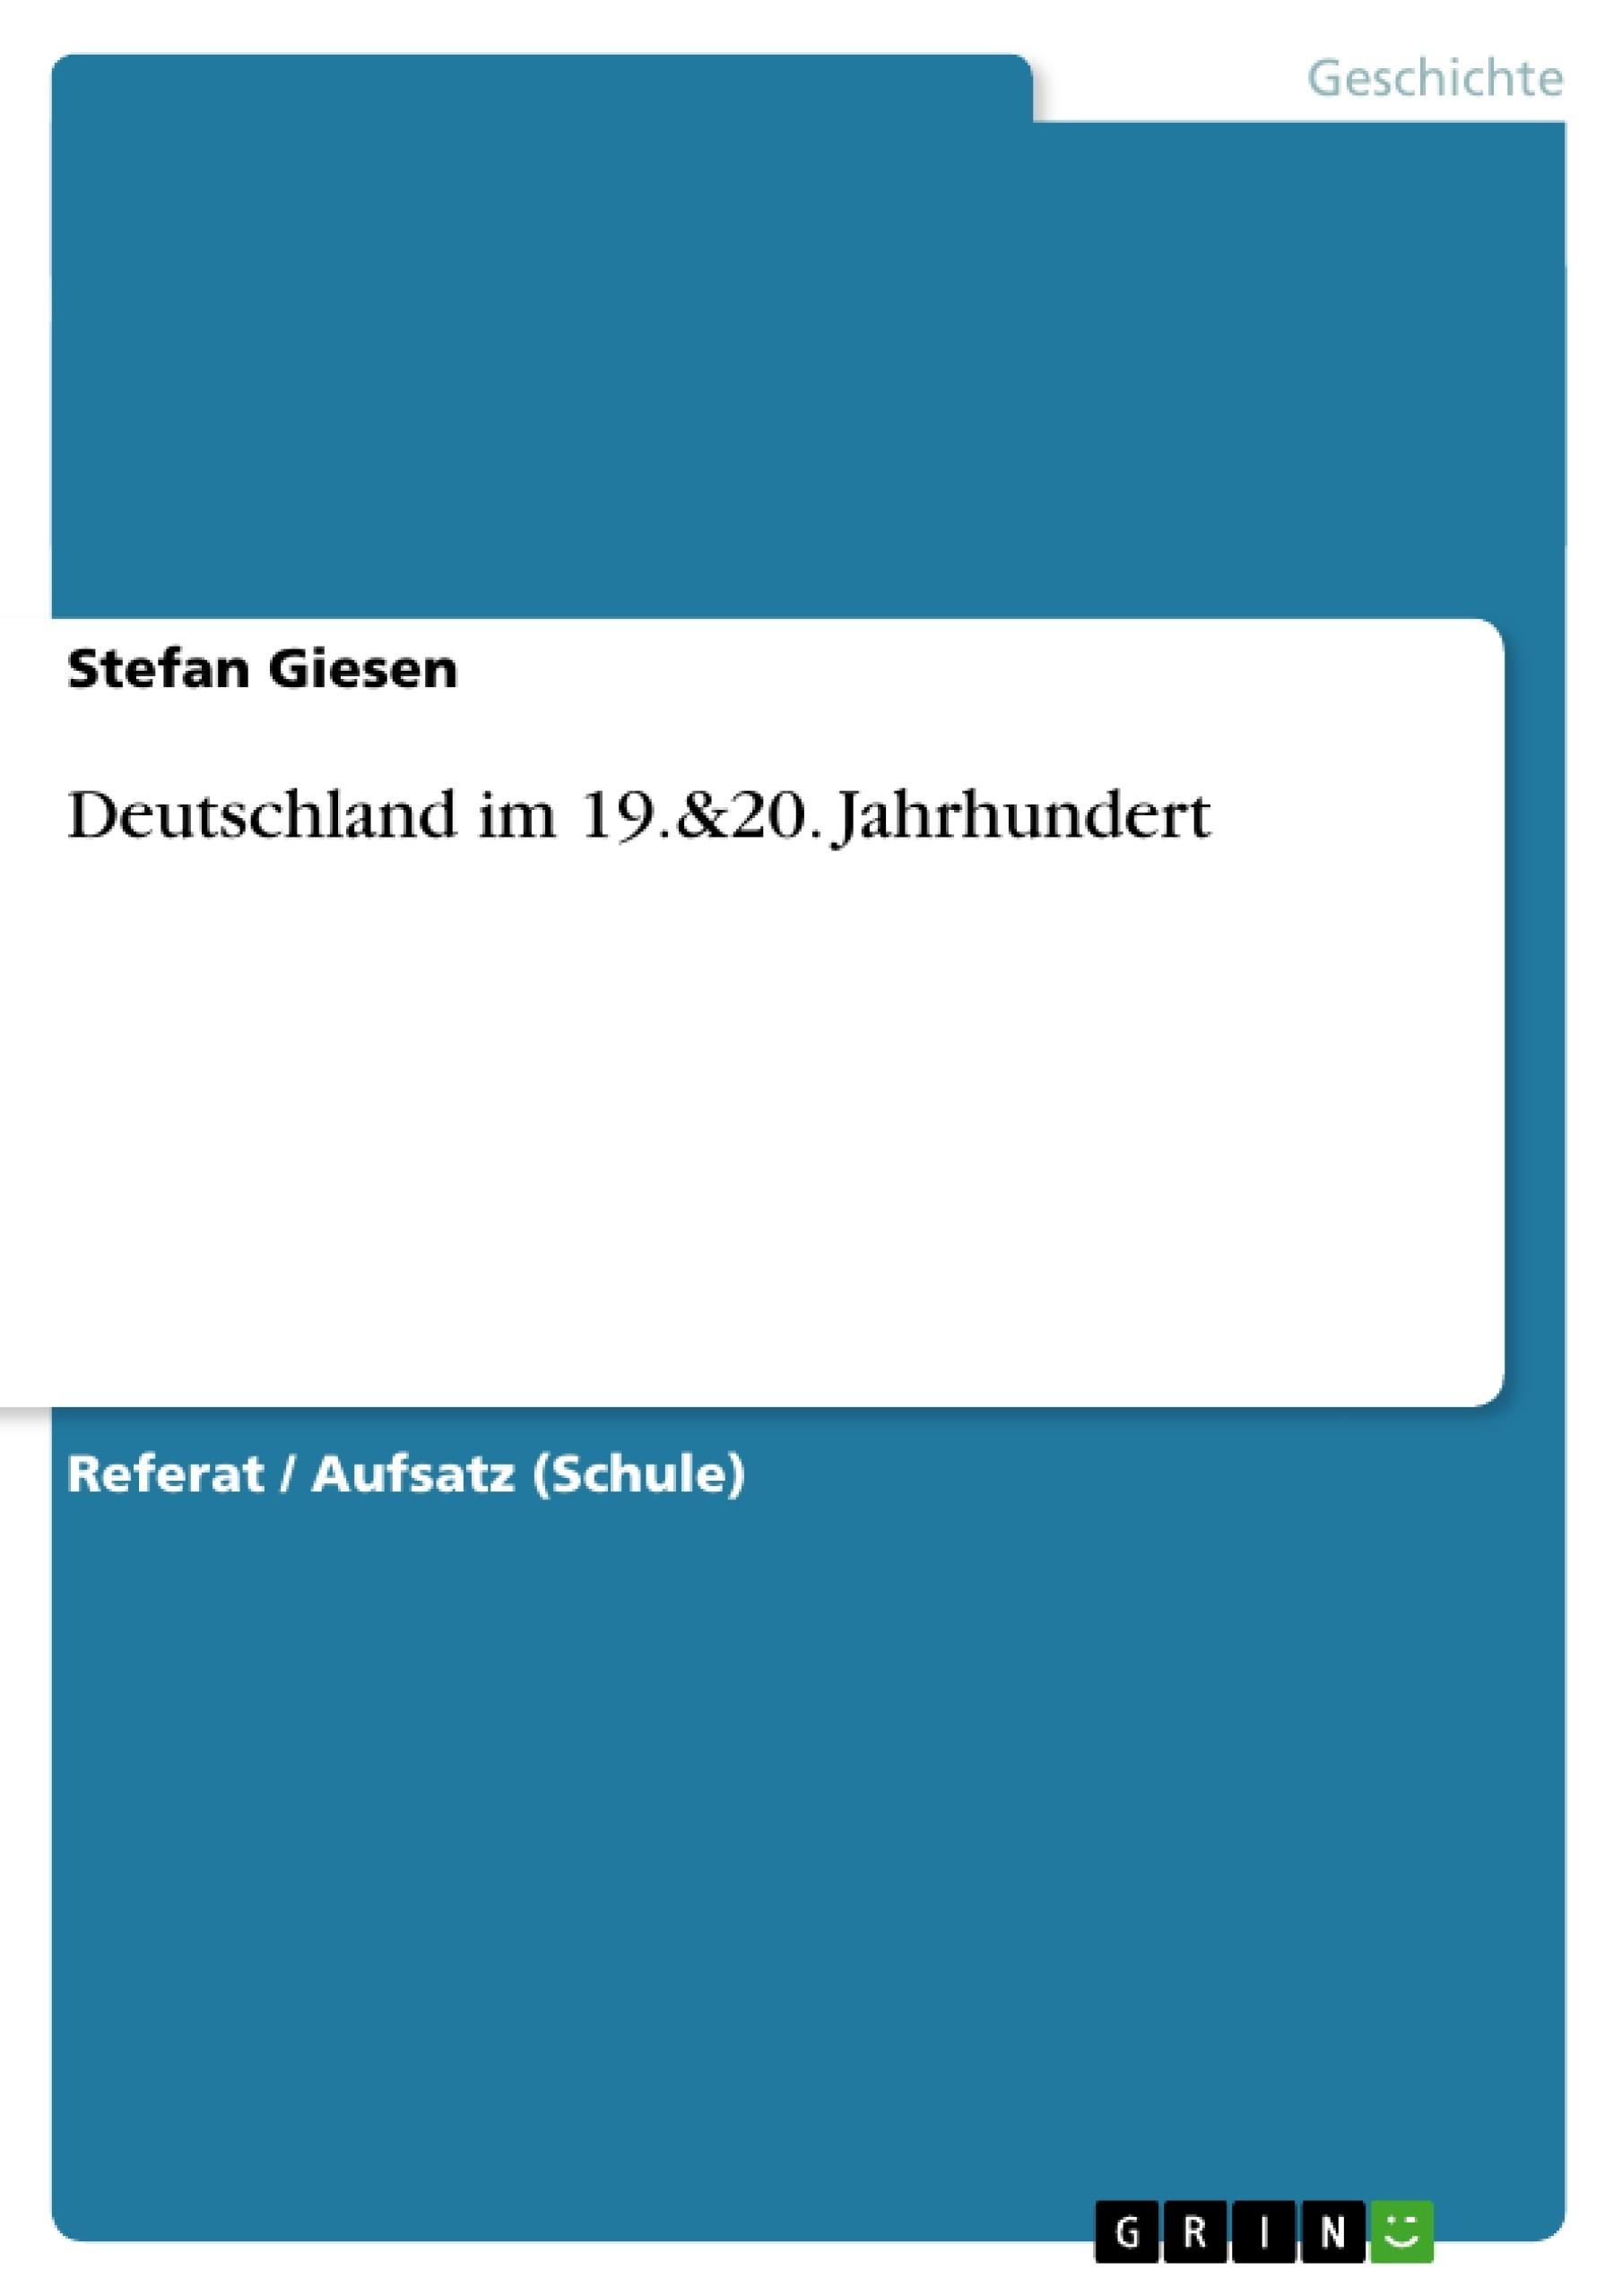 Titel: Deutschland im 19.&20. Jahrhundert